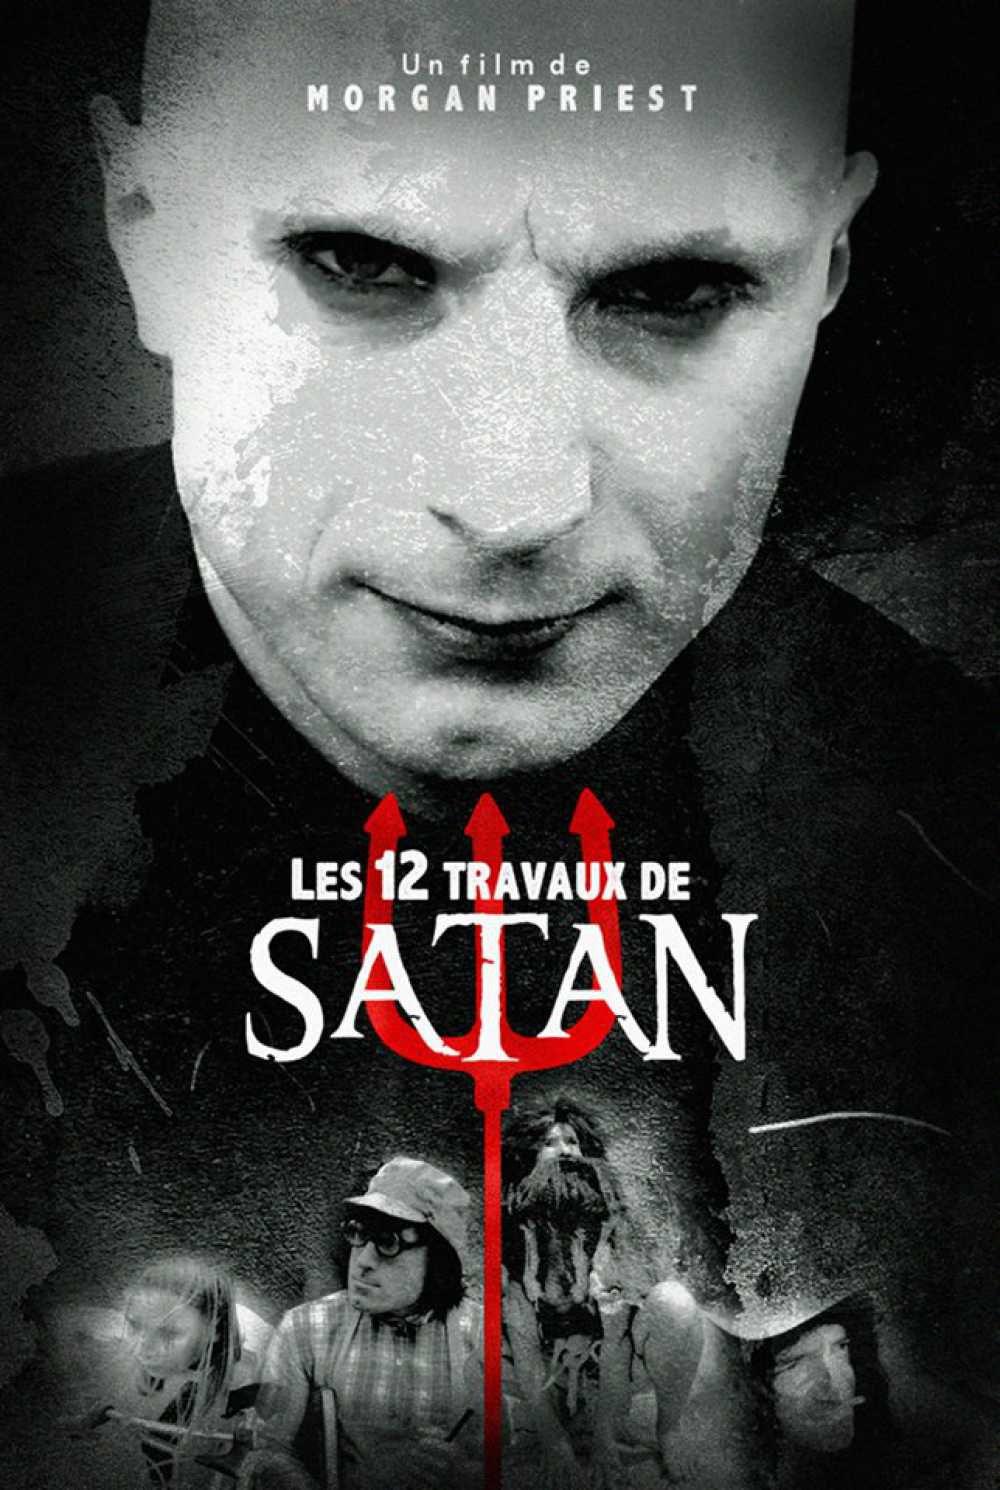 Les douze travaux de Satan - Film (2013)